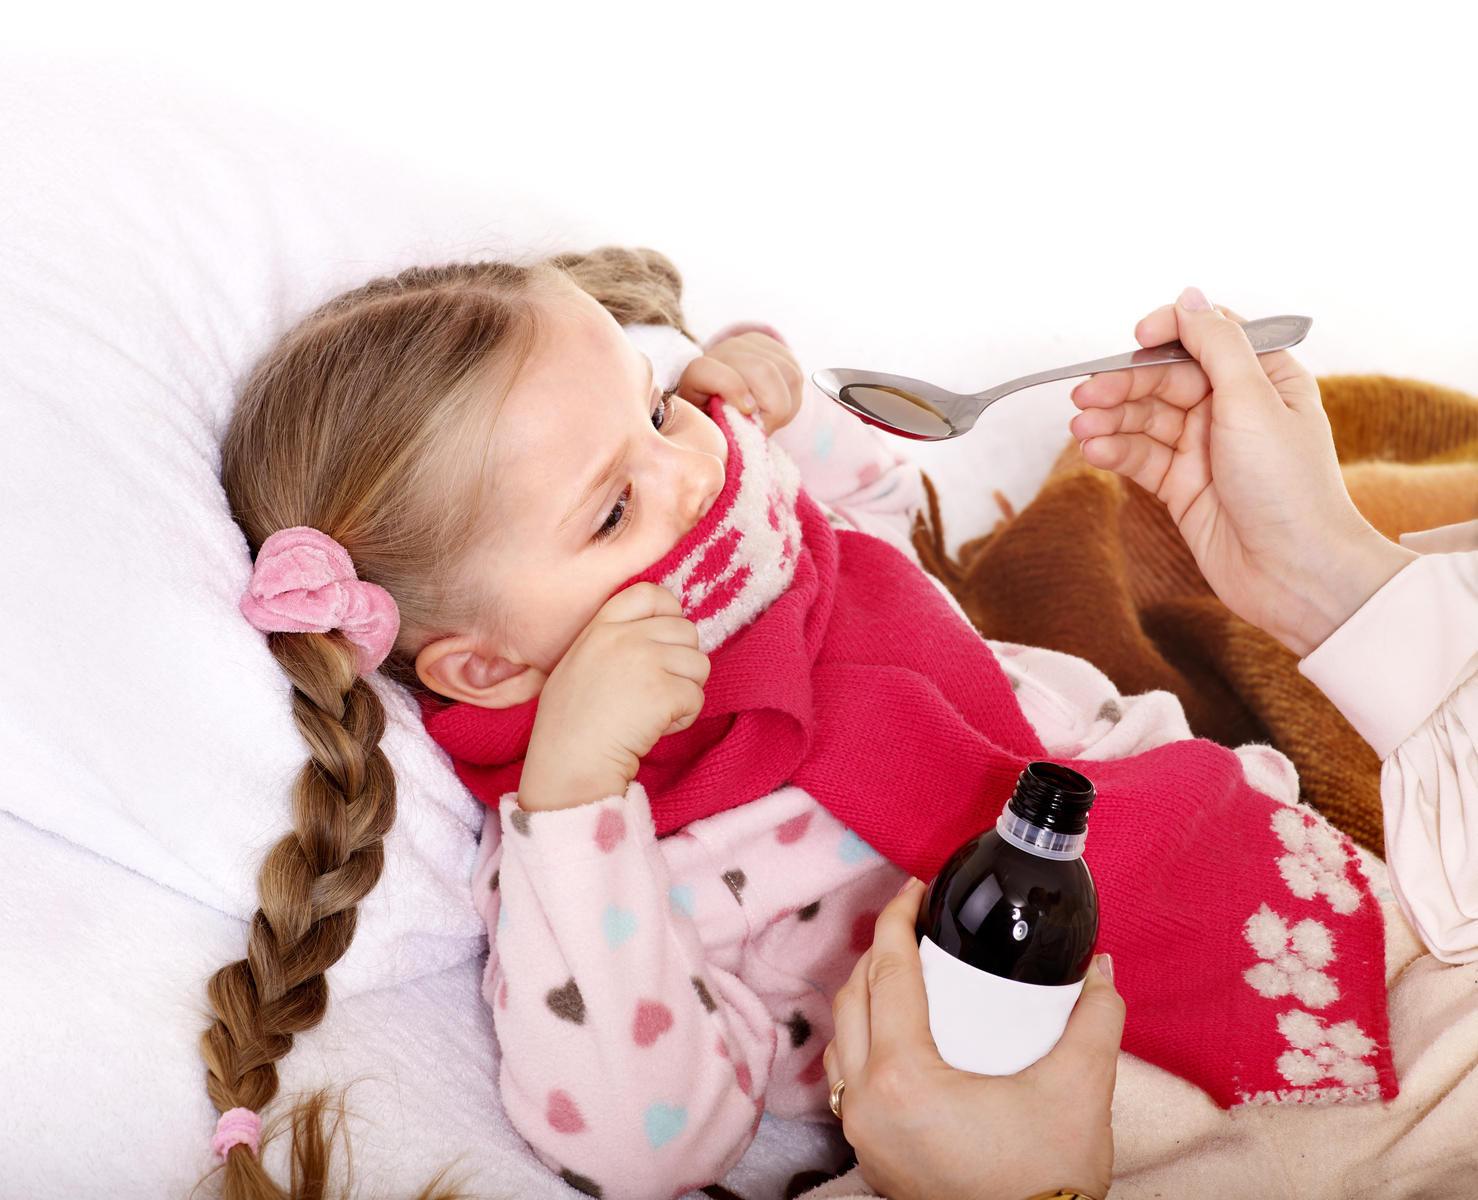 علاج الكحة الجافة والشديدة بالاعشاب عند الاطفال والكبار